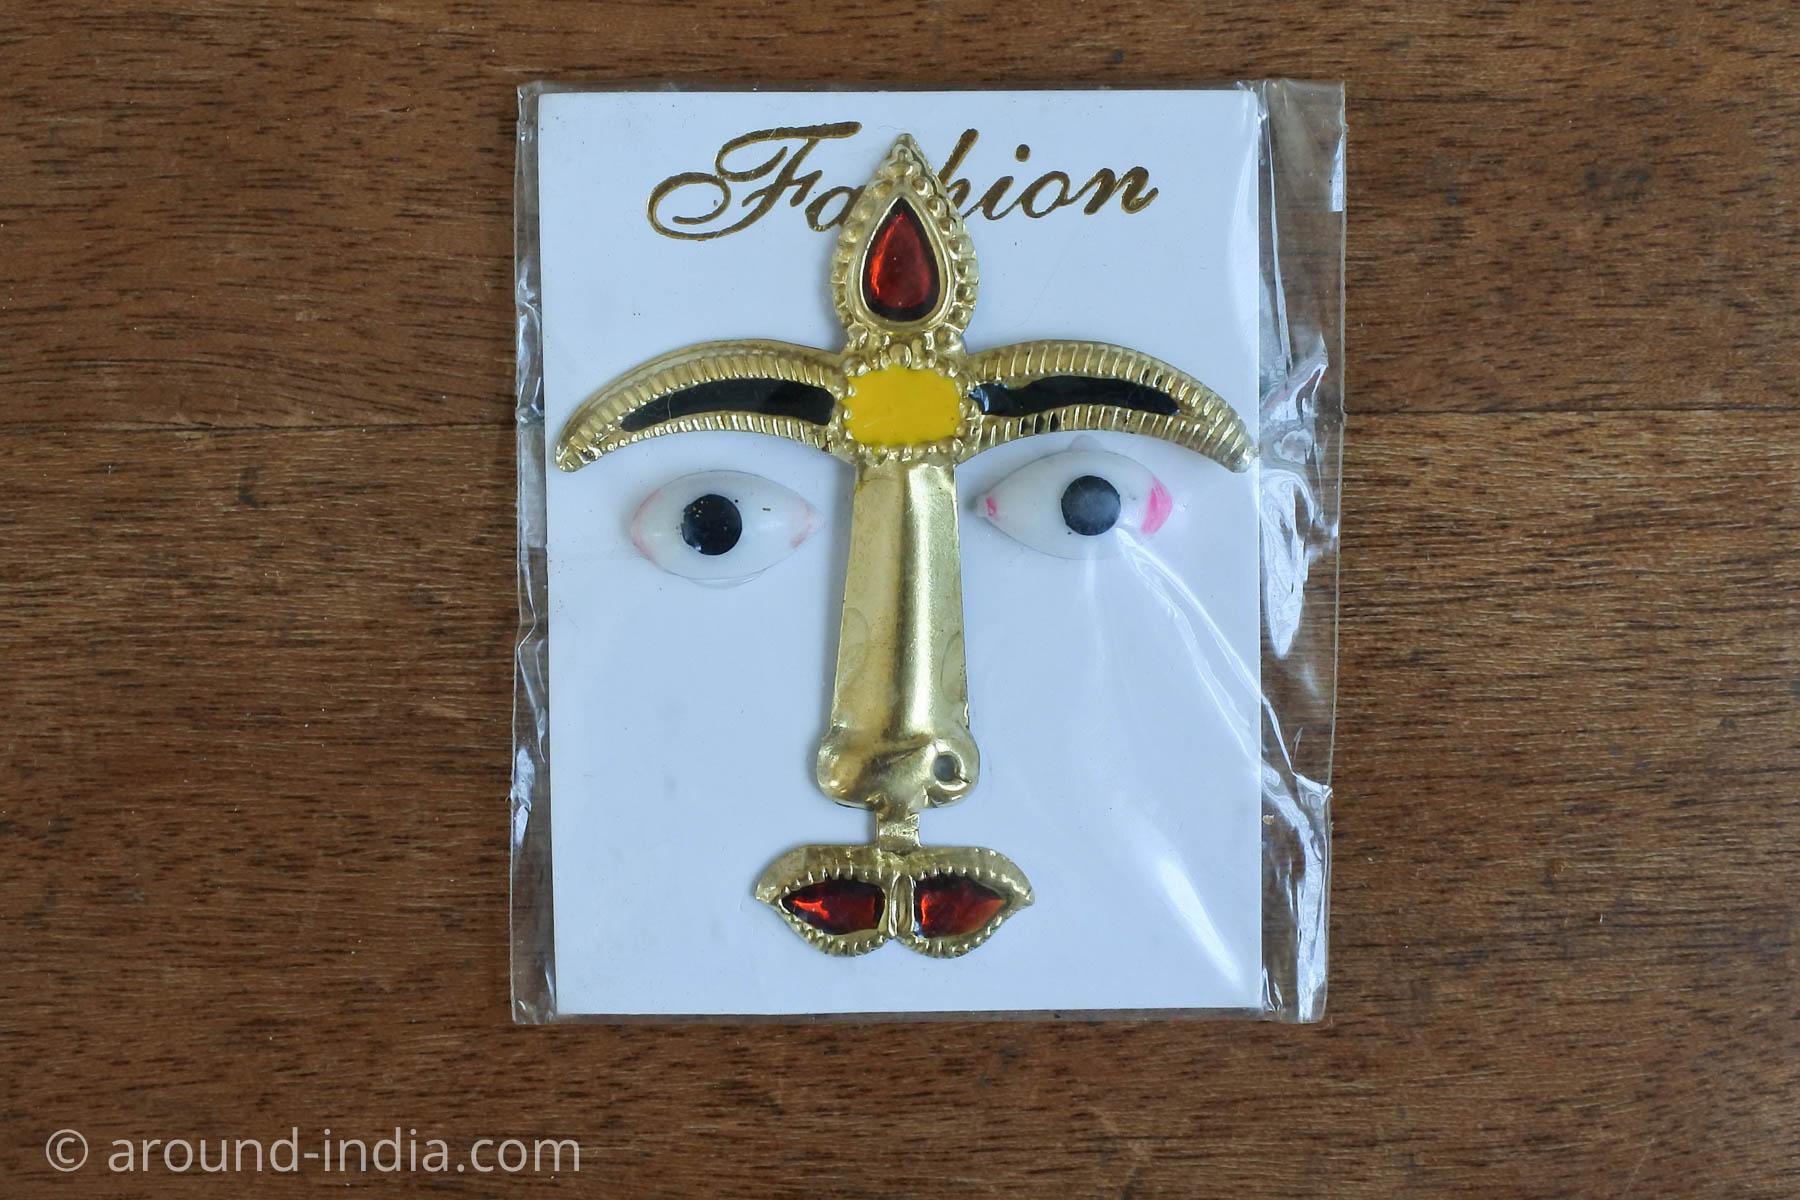 ムンバイ・ネラルのローカル神様、ステッカー